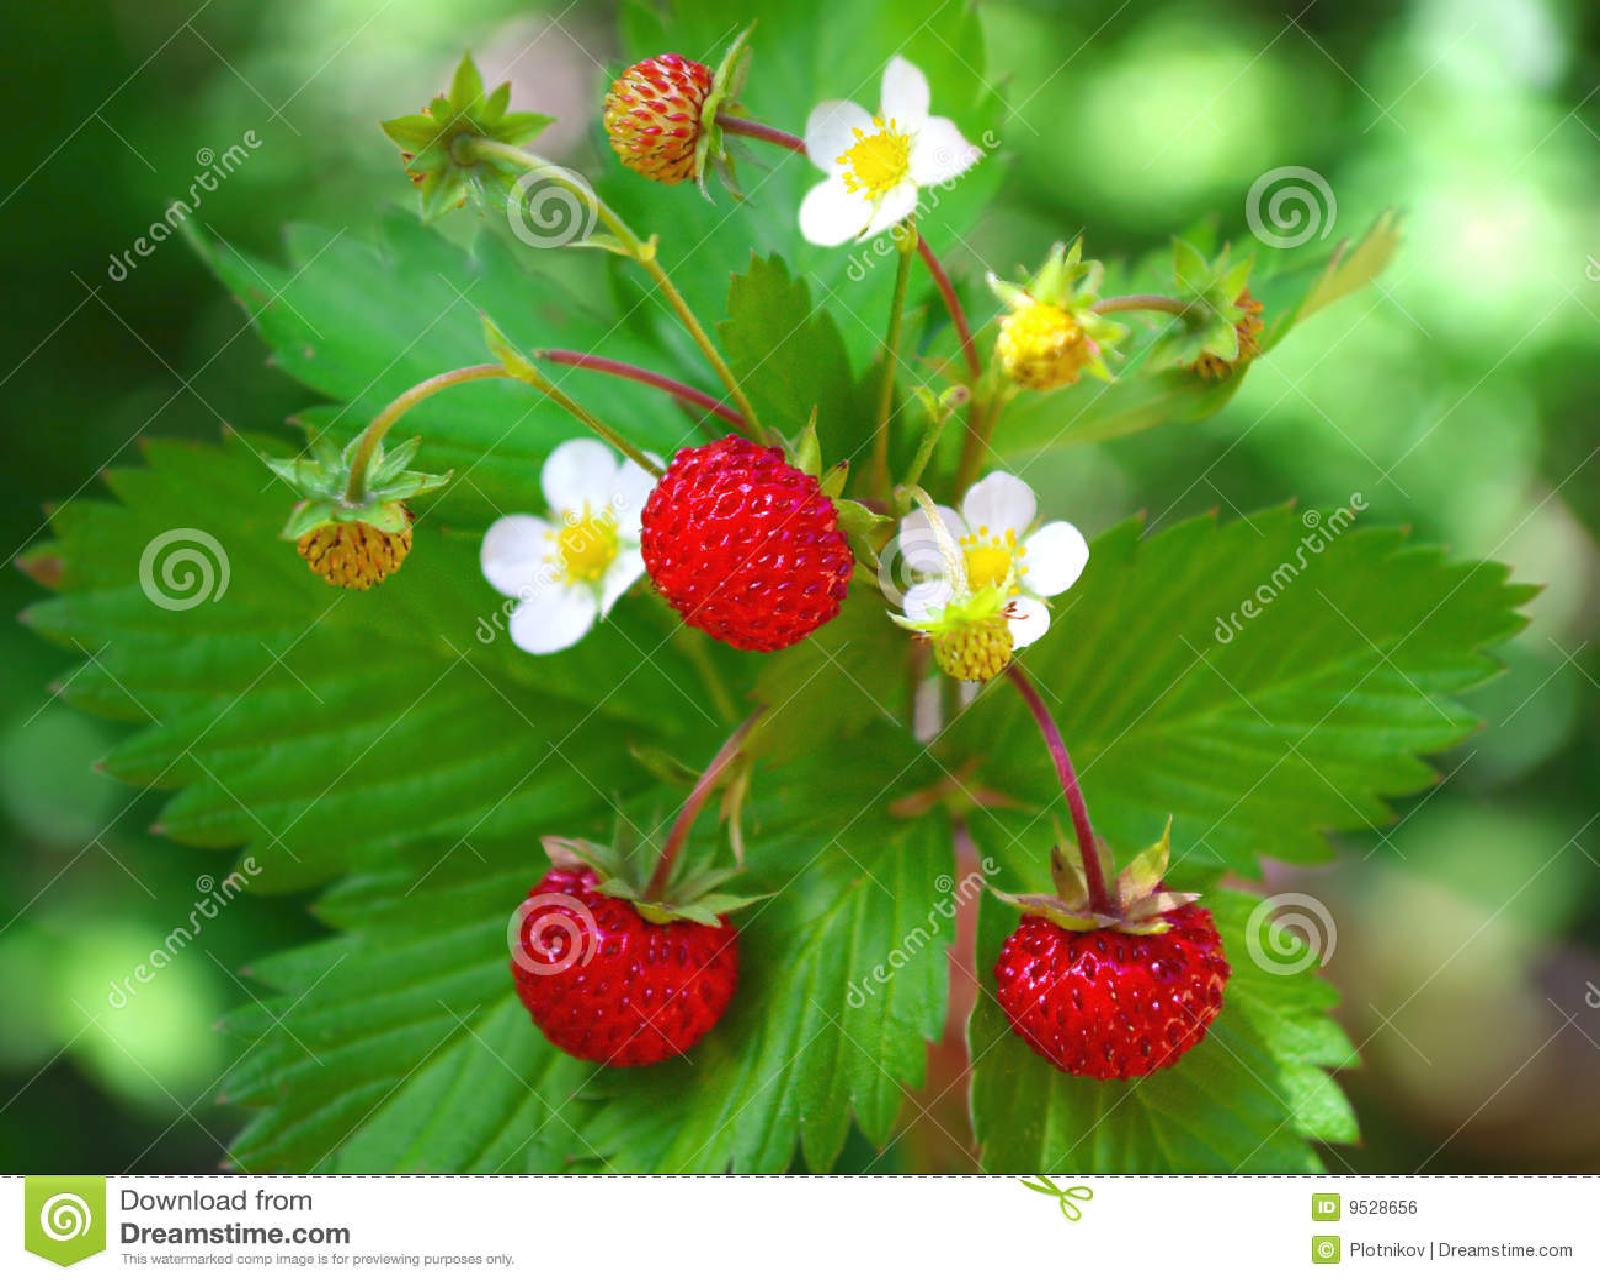 fraisier commun avec des baies et des fleurs photo stock image du for t centrale 9528656. Black Bedroom Furniture Sets. Home Design Ideas